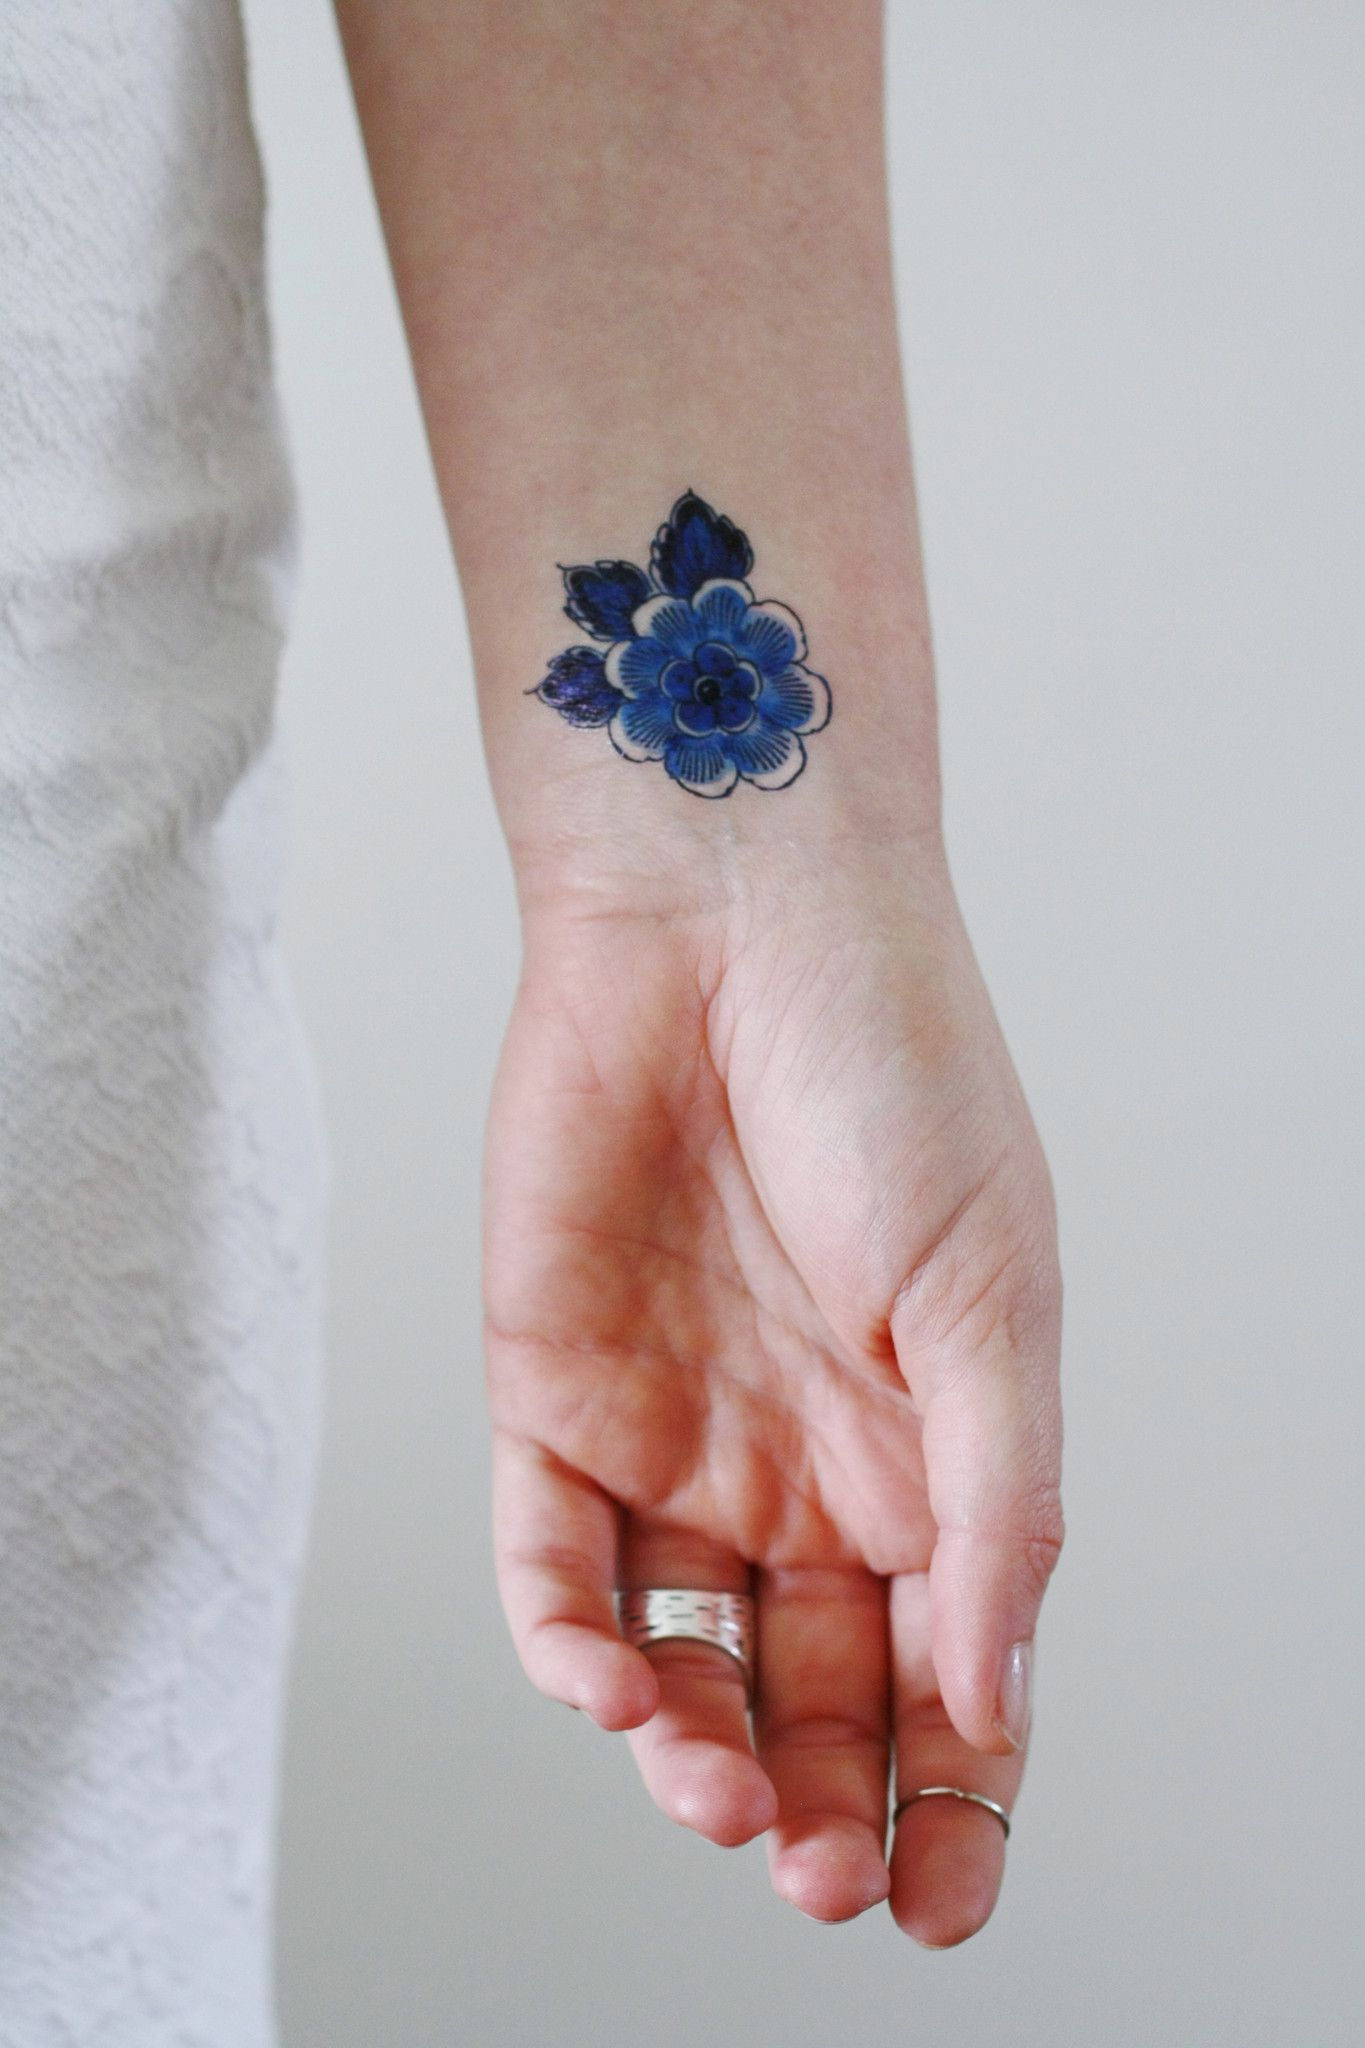 Small delft blue flower tattoo tattoos pinterest tattoos blue small delft blue flower tattoo izmirmasajfo